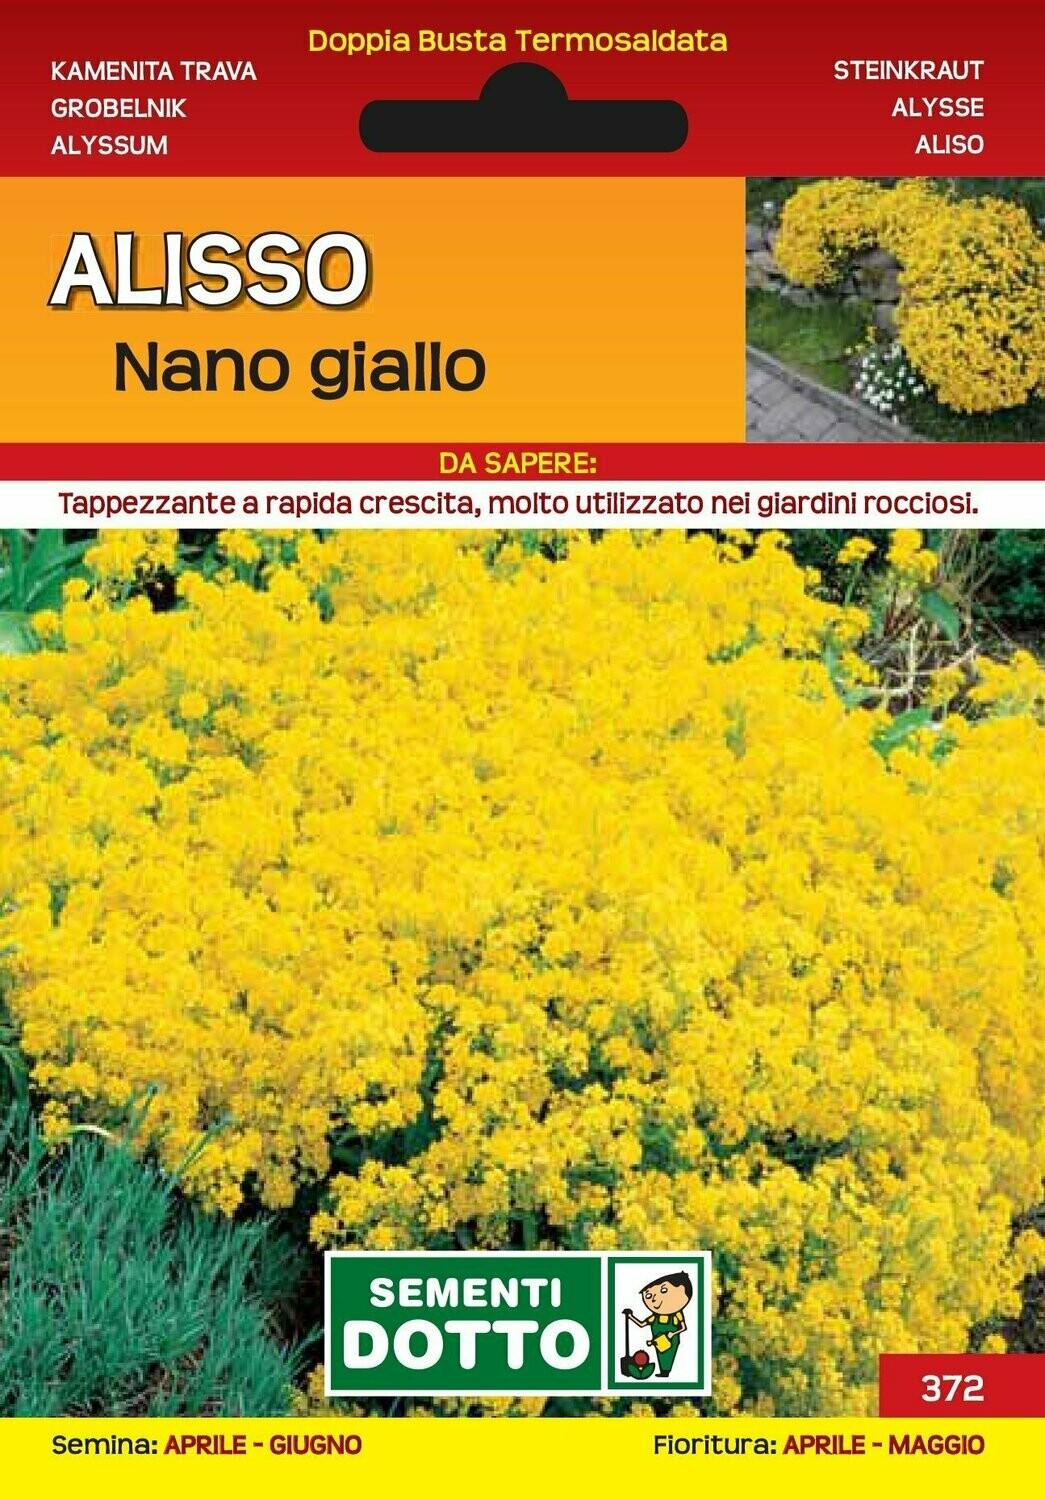 ALISSO NANO GIALLO - Alyssum - busta semi